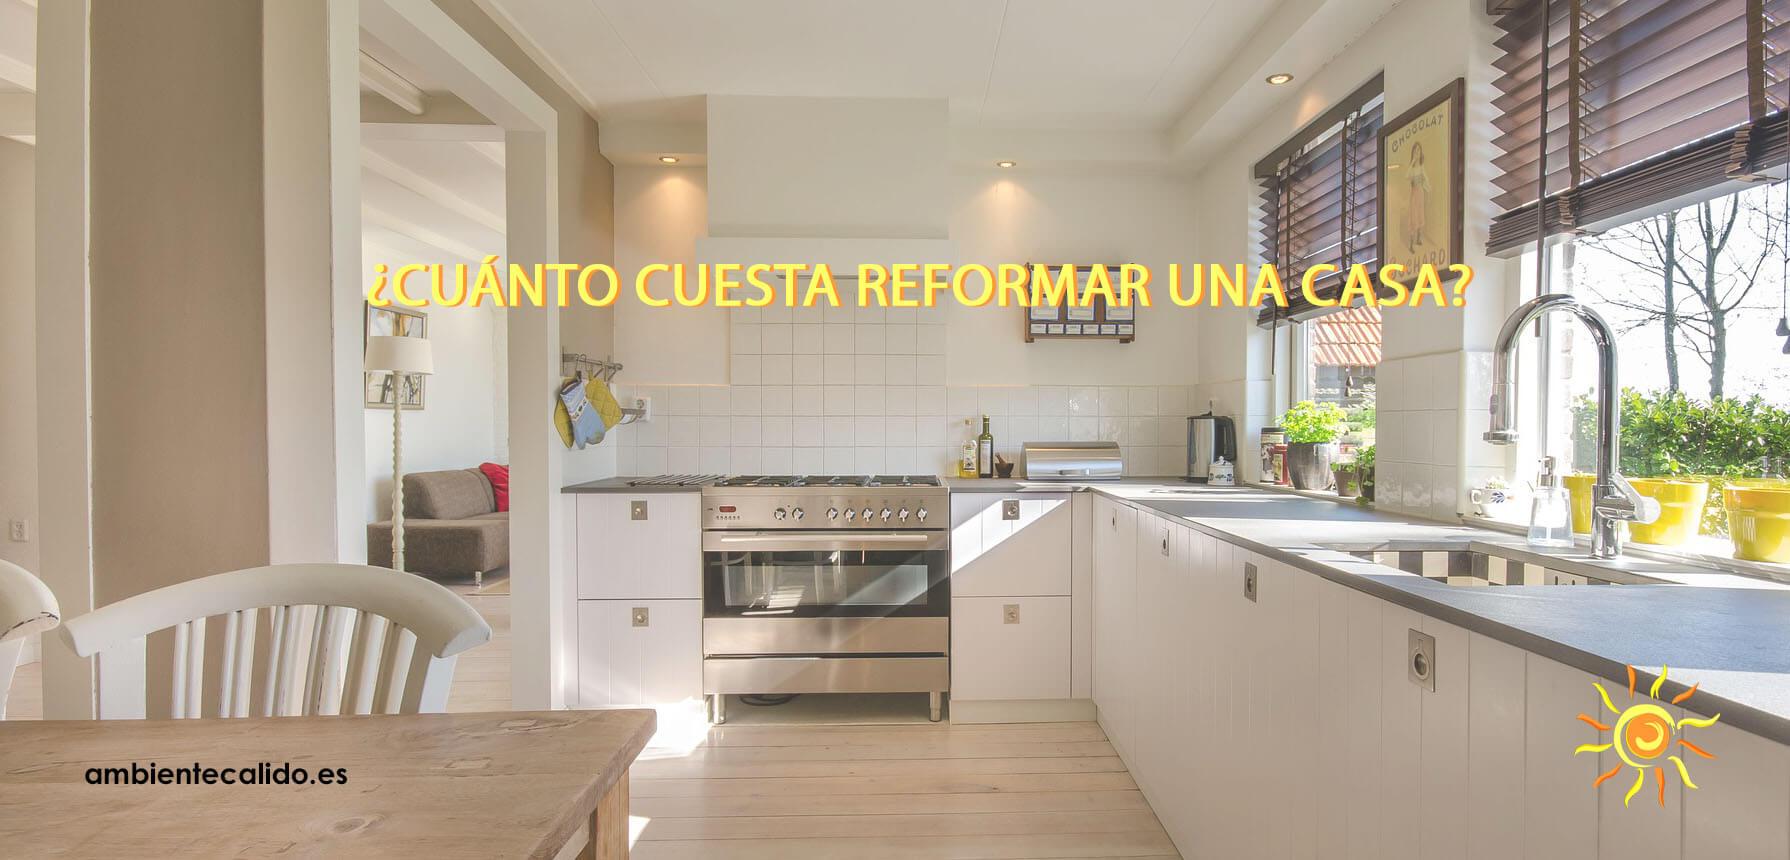 Cu nto cuesta reformar una casa manual paso a paso ambiente c lido - Como reformar mi casa ...